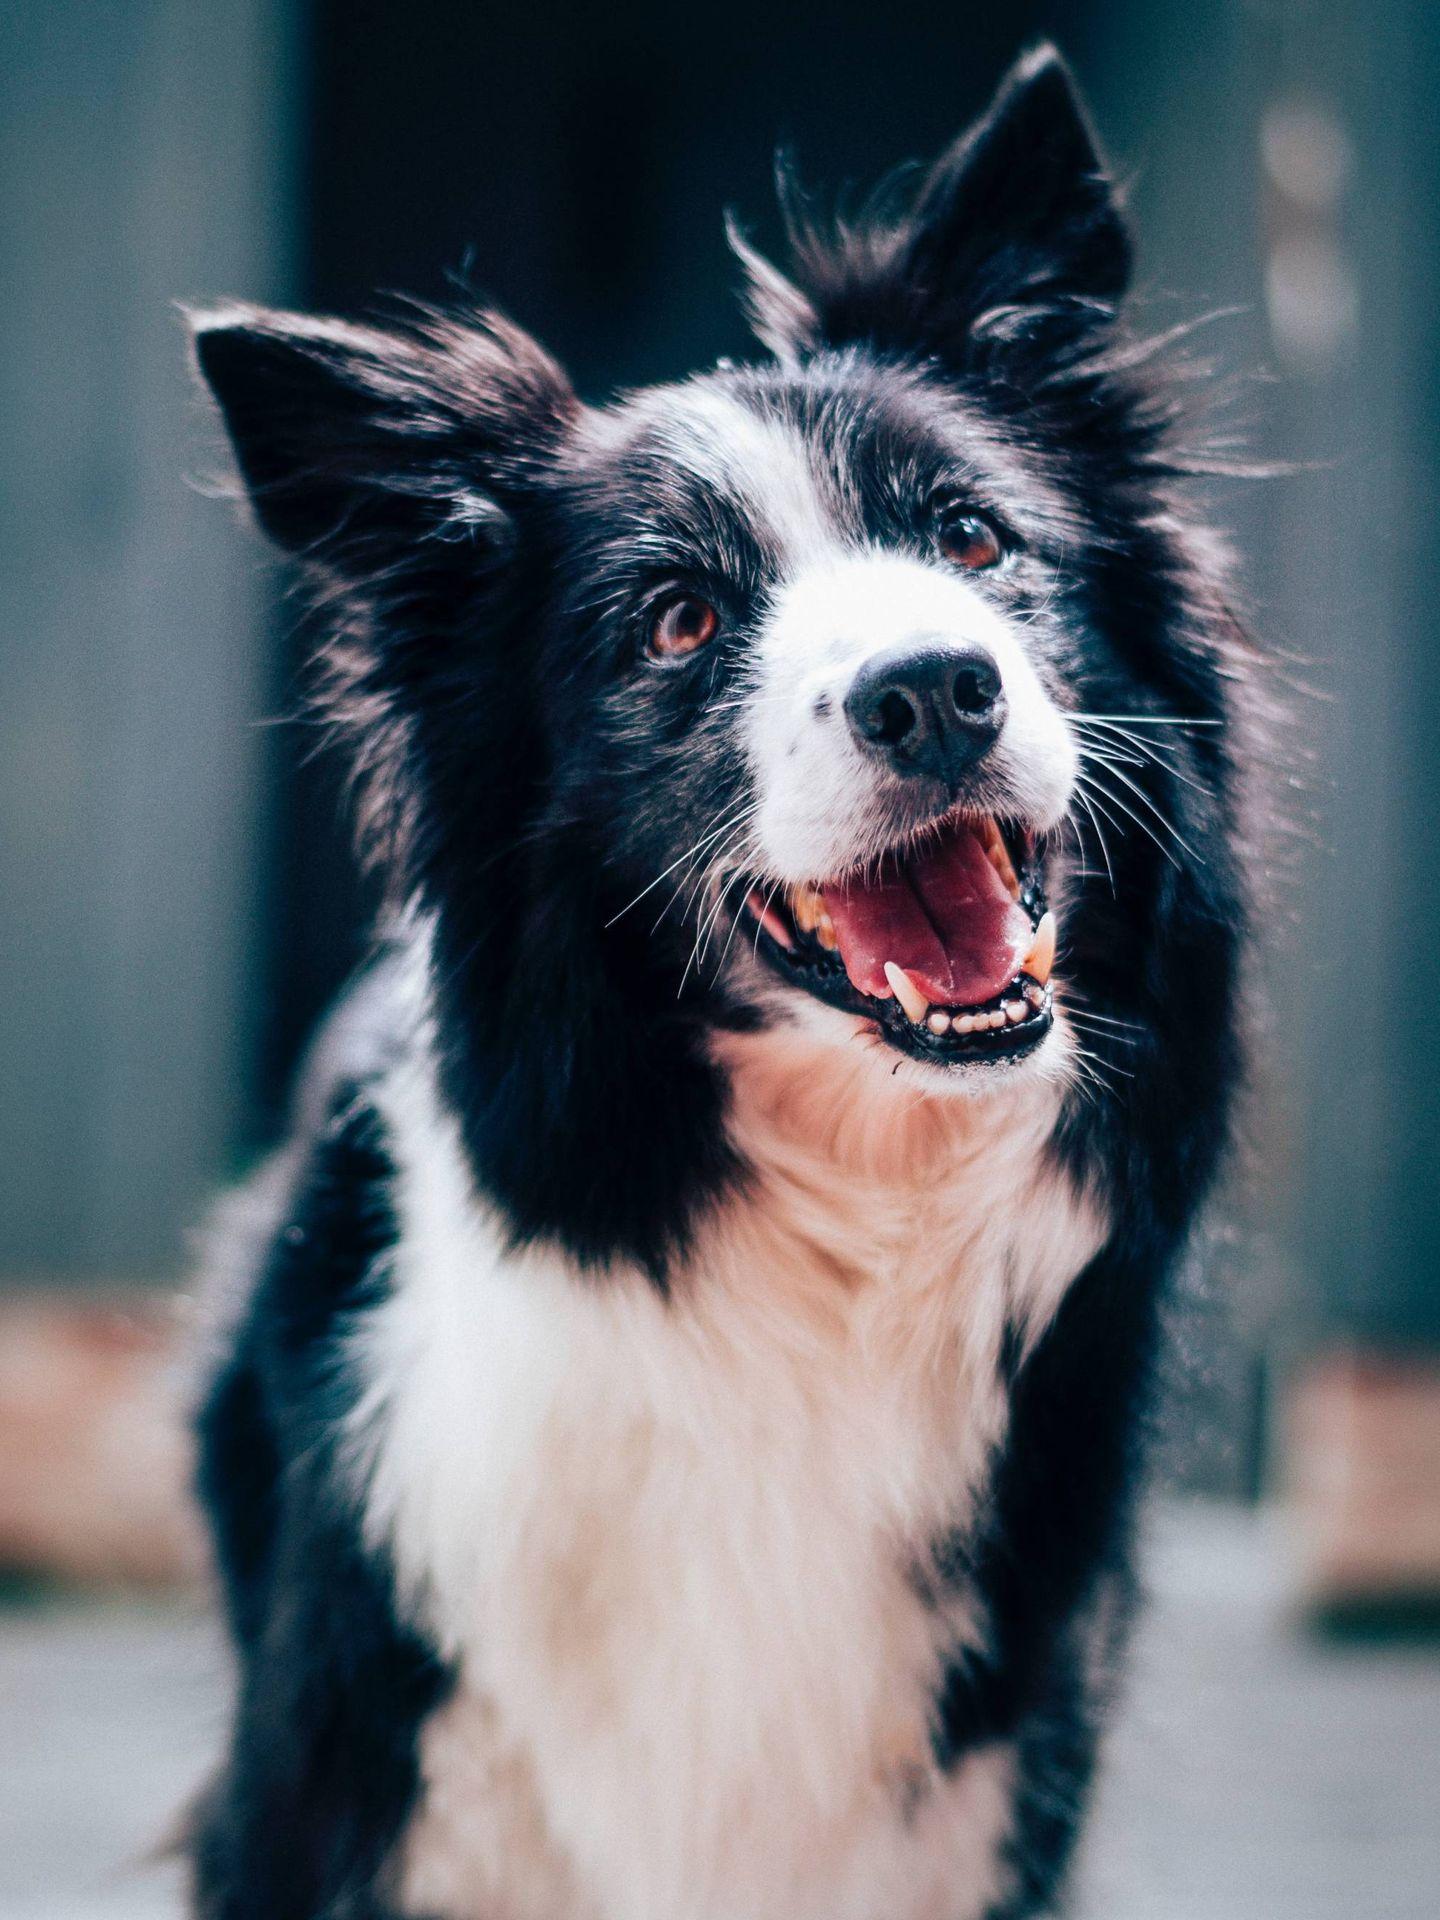 Hay que adaptar la dieta BARF a las necesidades de cada perro. (Baptist Standaert para Unsplash)